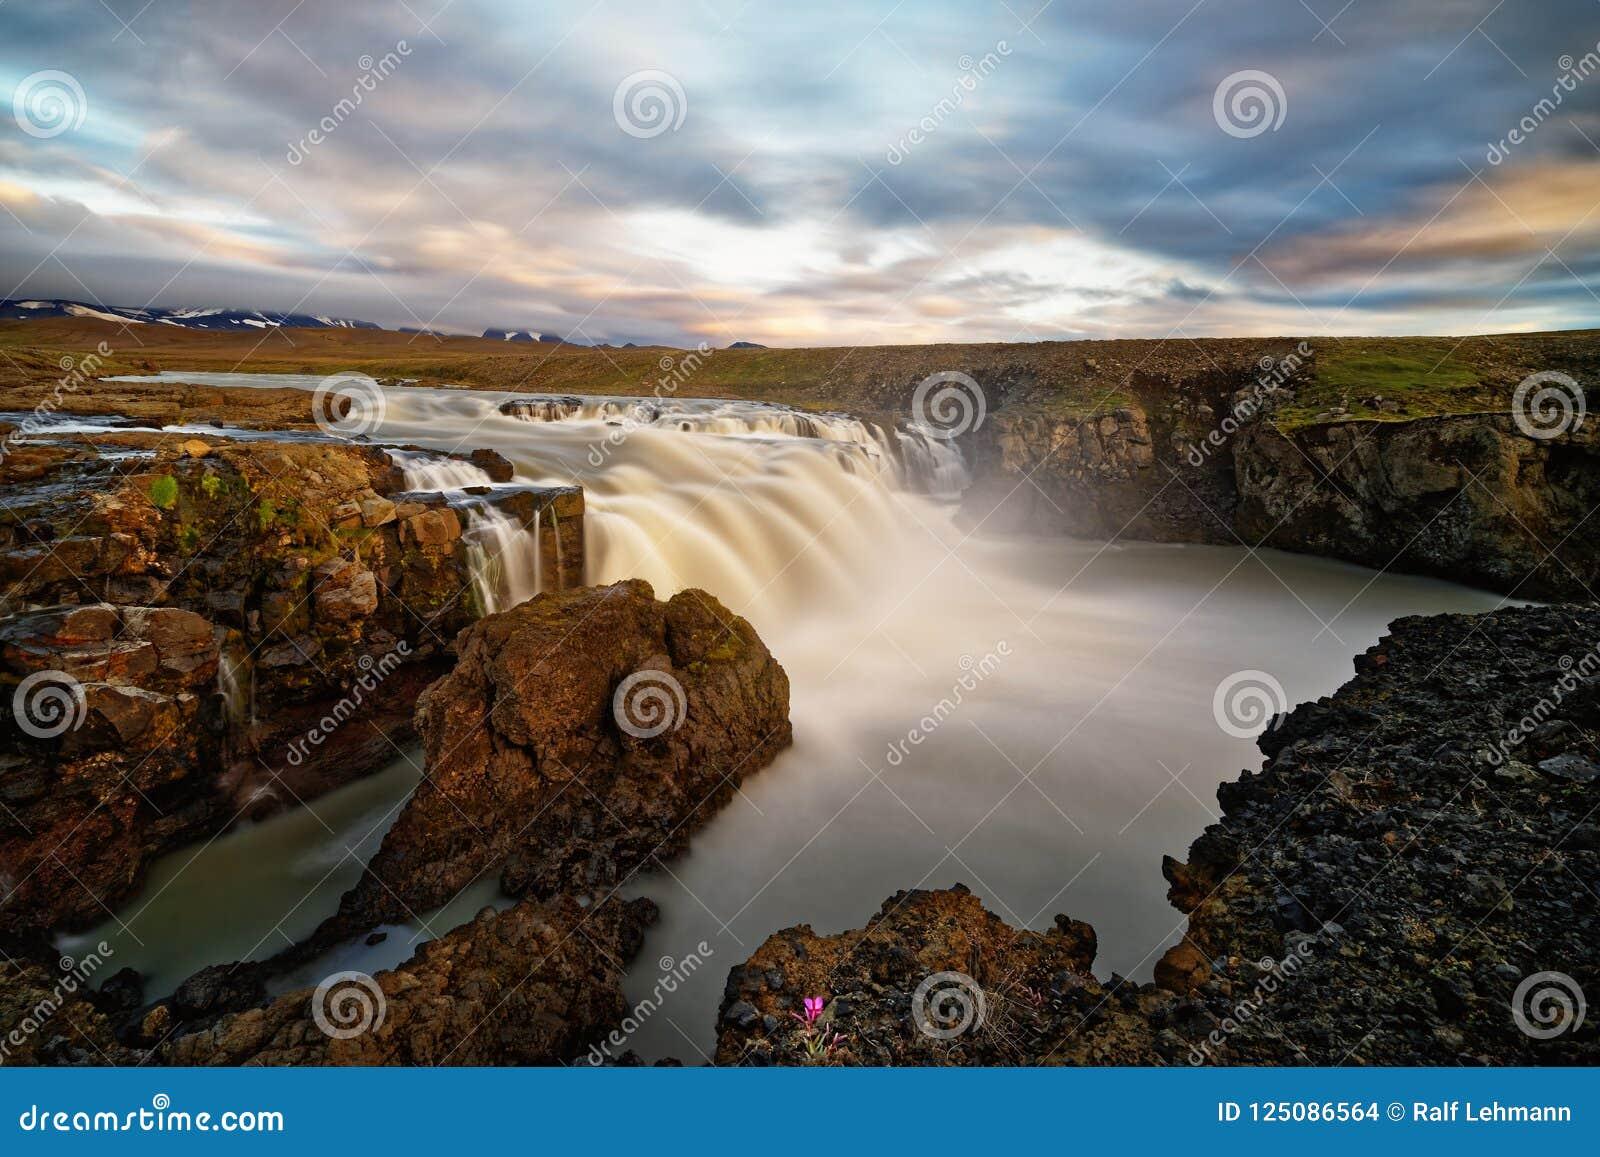 Waterval in wild landschap in het avond licht